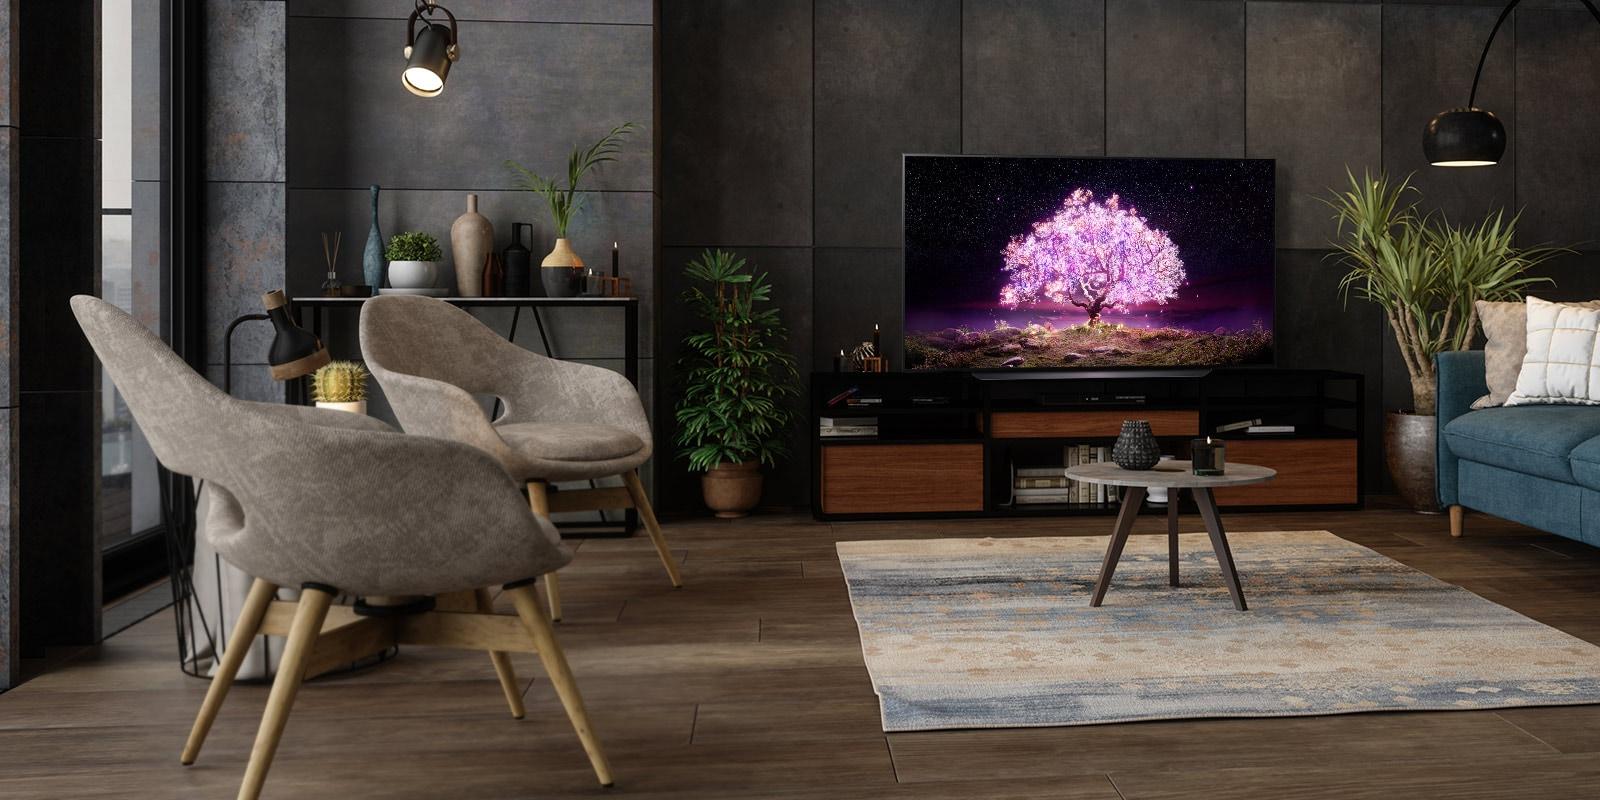 一個電視,正顯示著以豪華房屋為背景的一棵發著紫光的樹